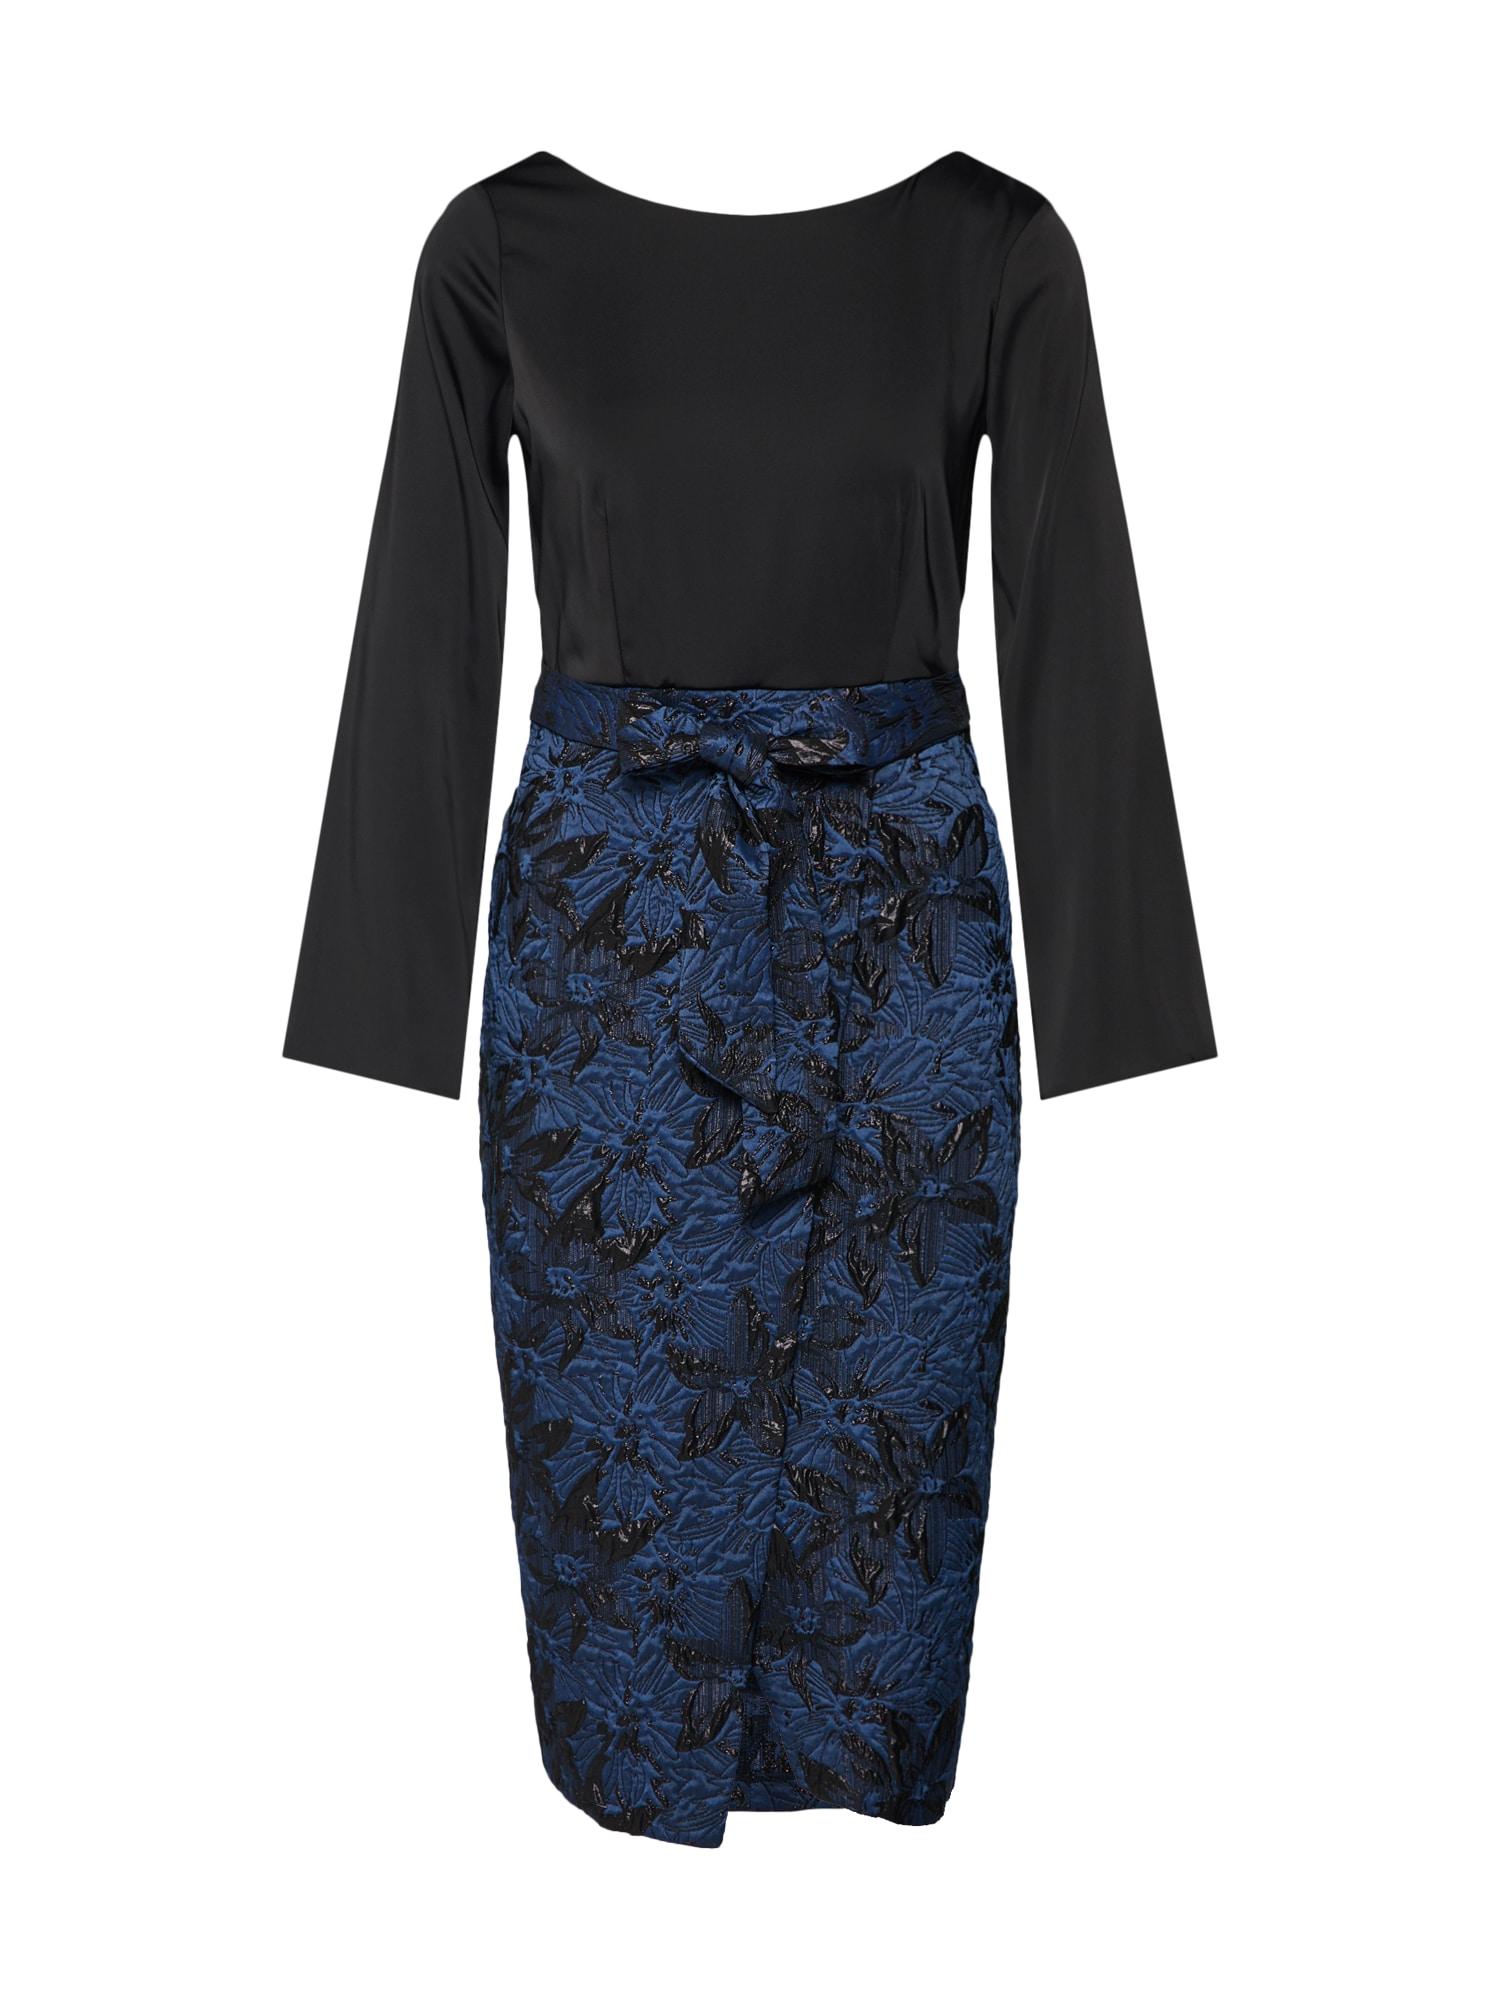 Šaty Closet Gold 2-In-1 Pencil Dress námořnická modř černá Closet London